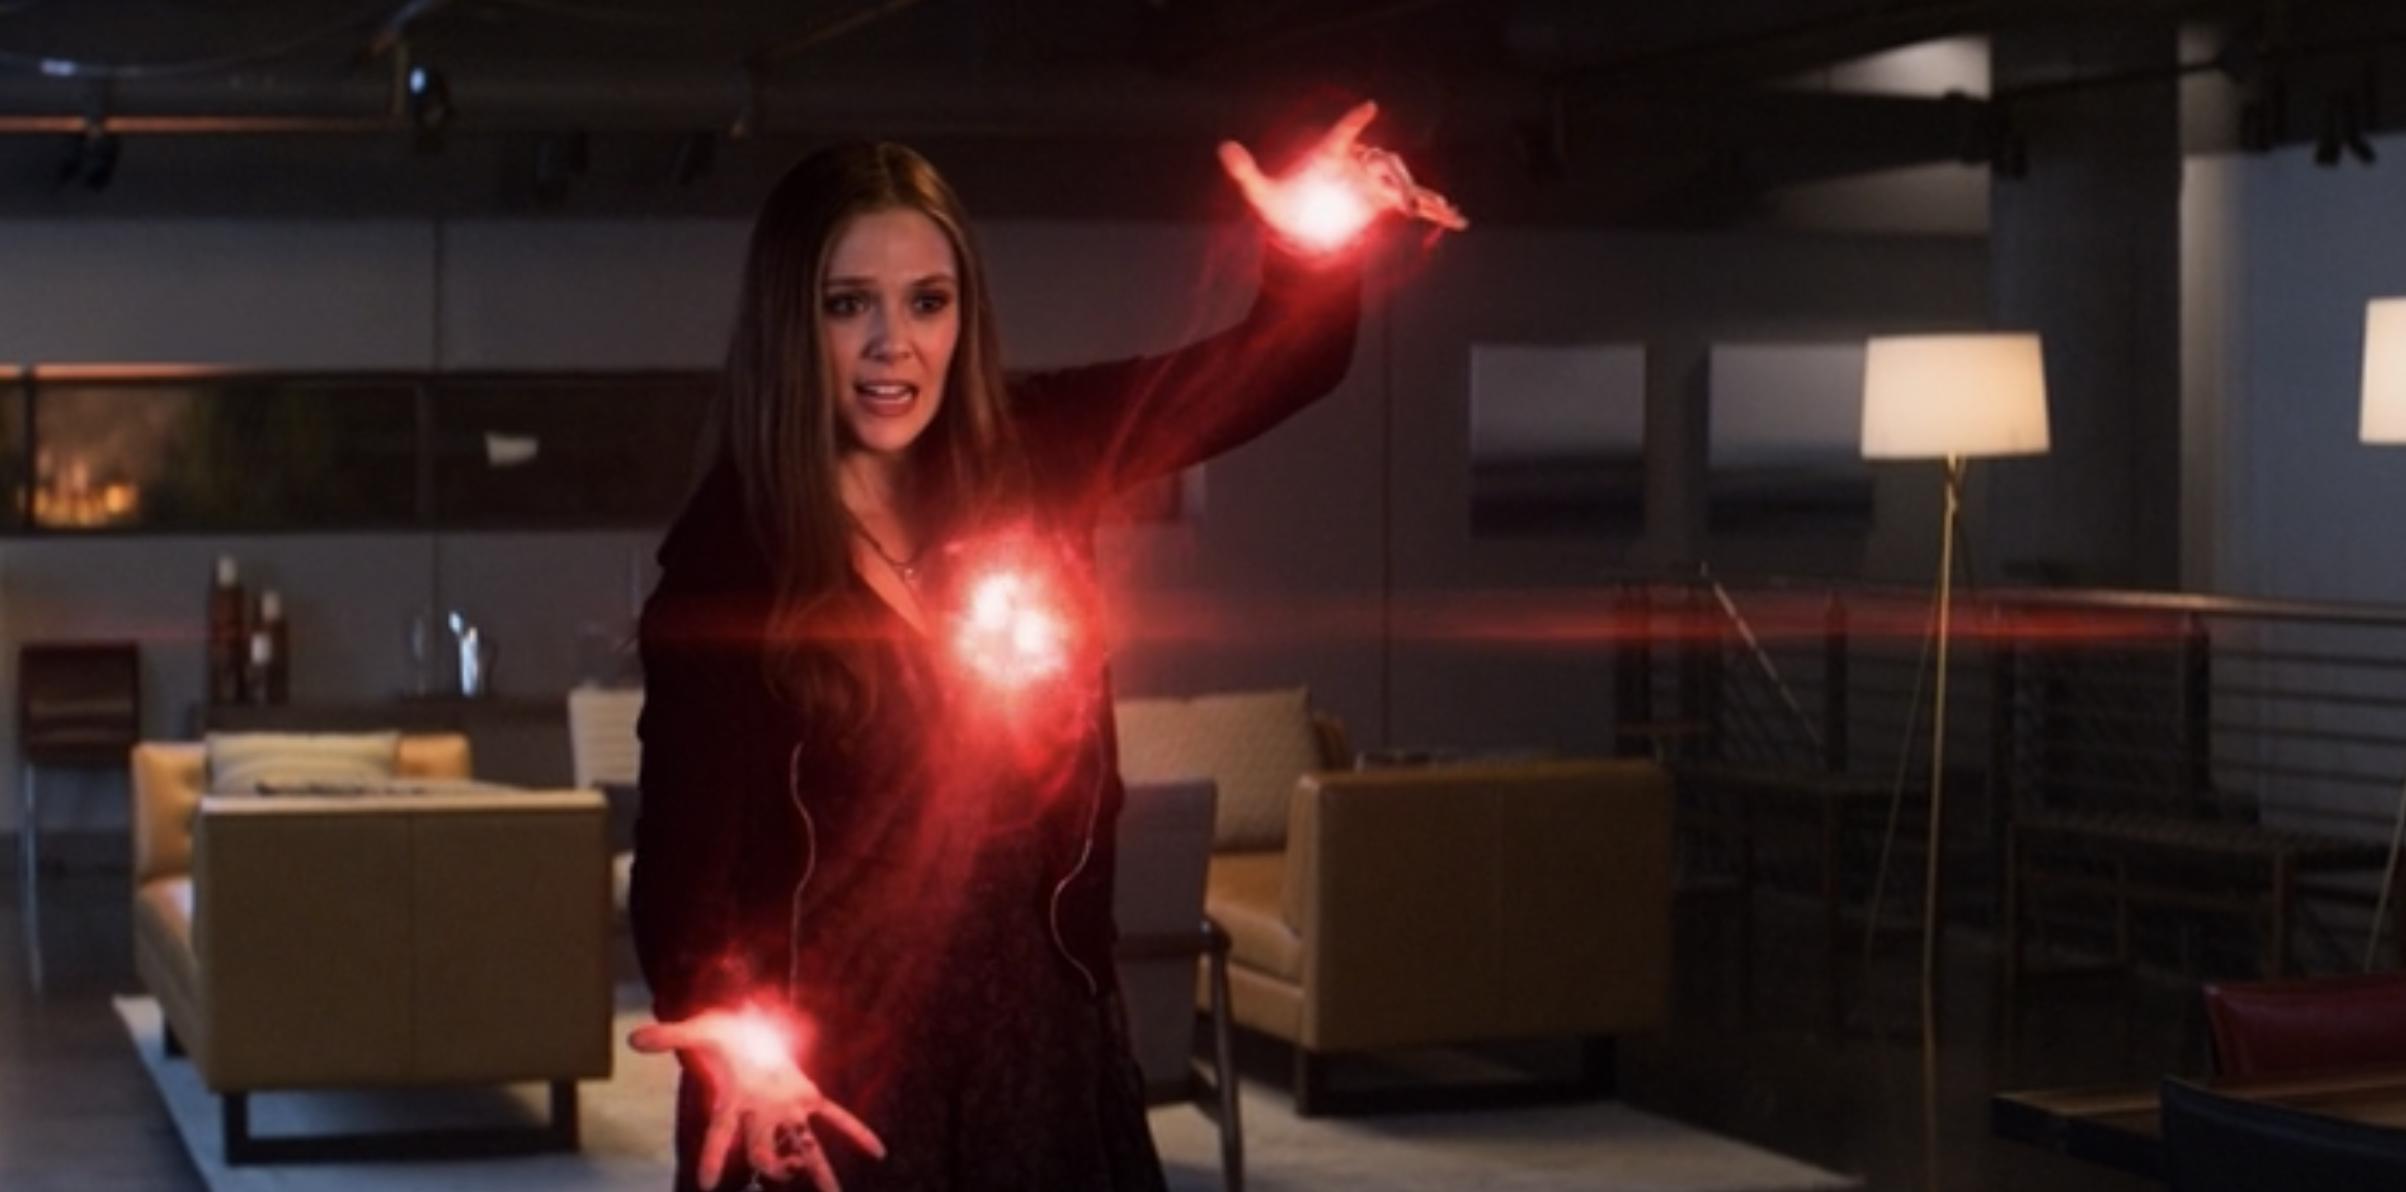 """Wanda using her powers in """"Captain America: Civil War"""""""